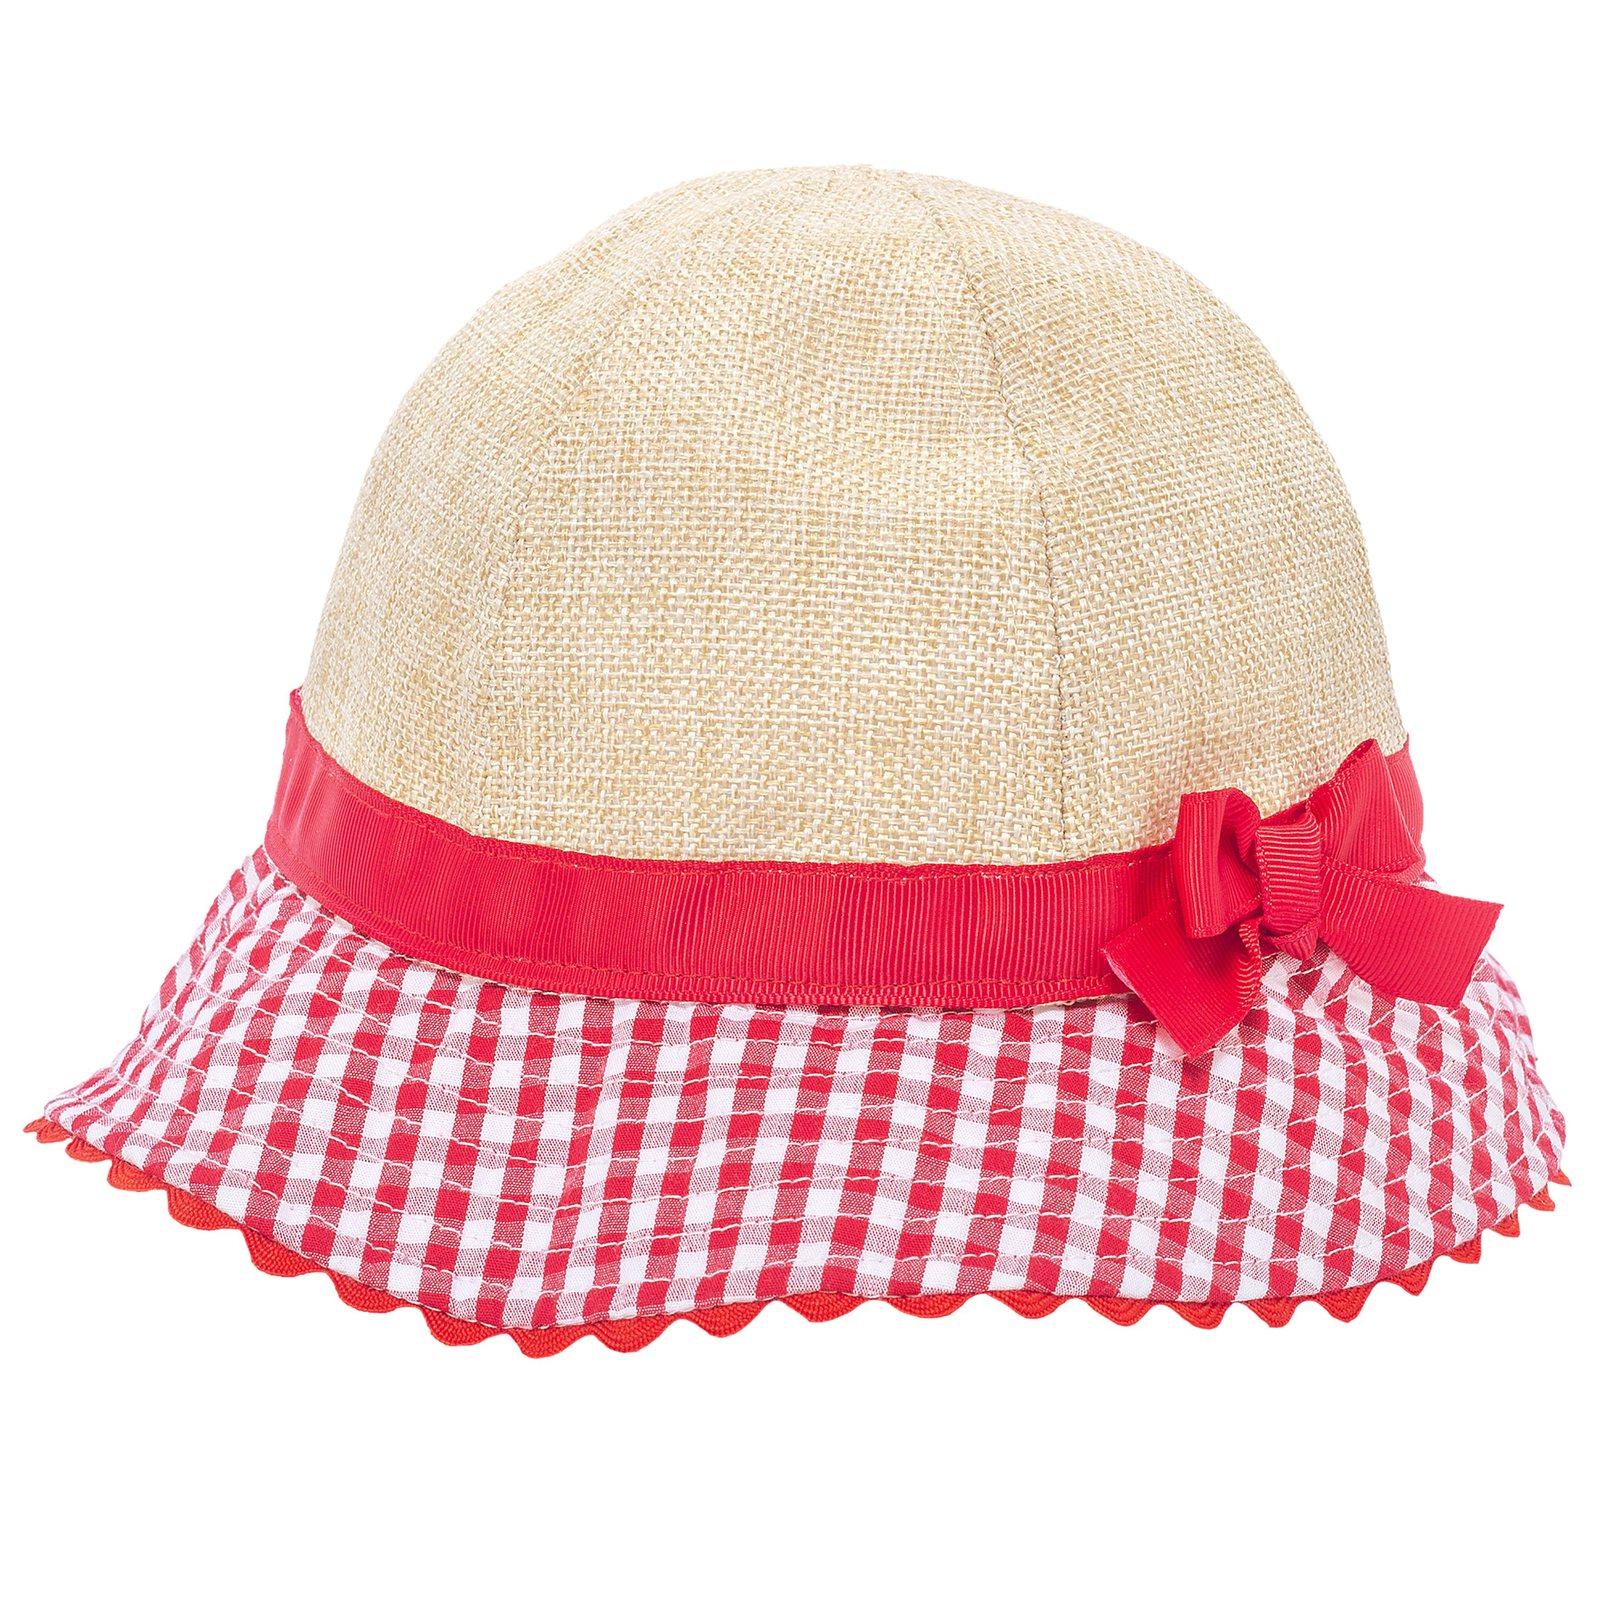 Accessori bambina cappellino blaretta rosso medio  2a10f83c8008